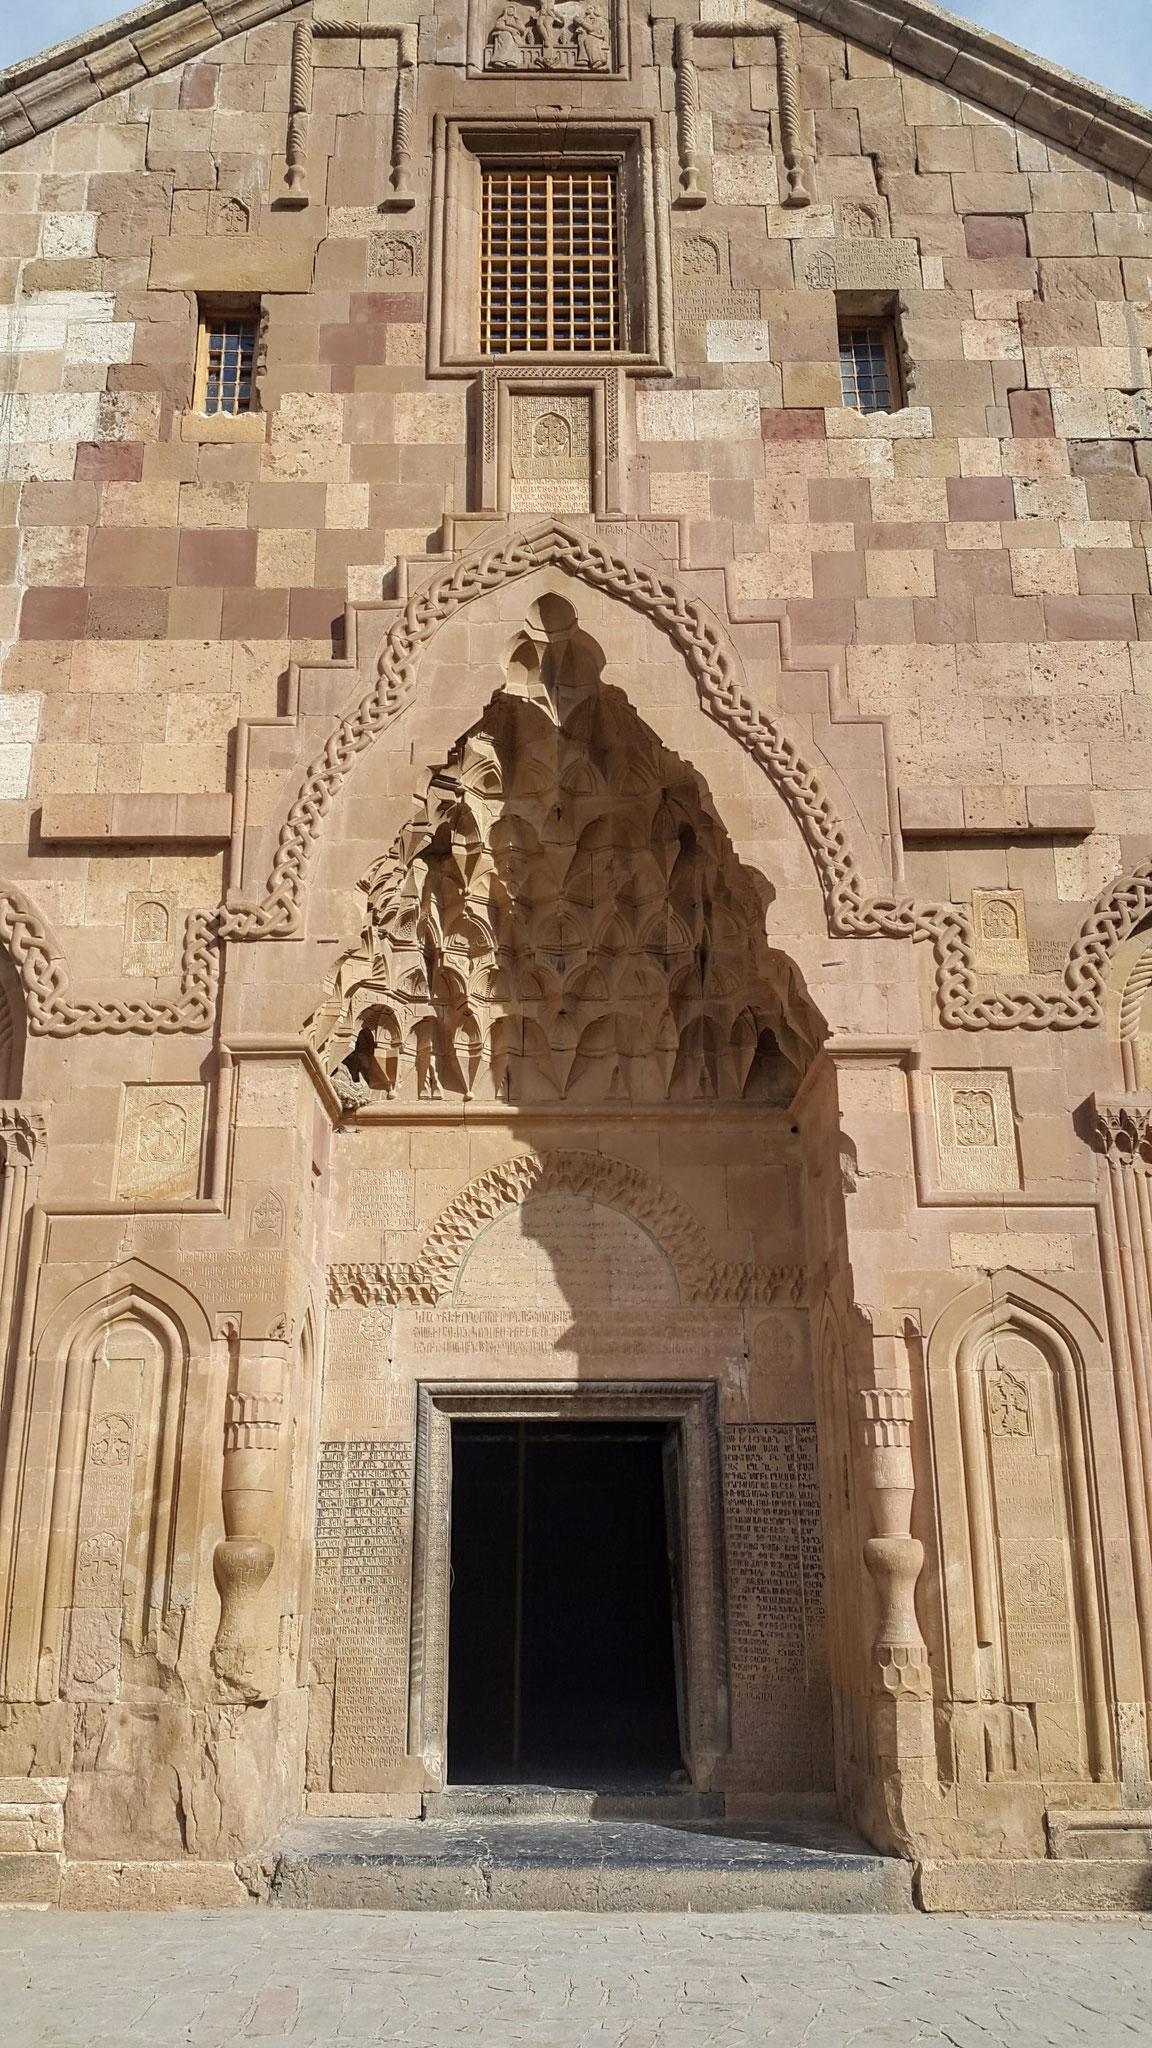 Kloster St. Stephanos, Hauptportal